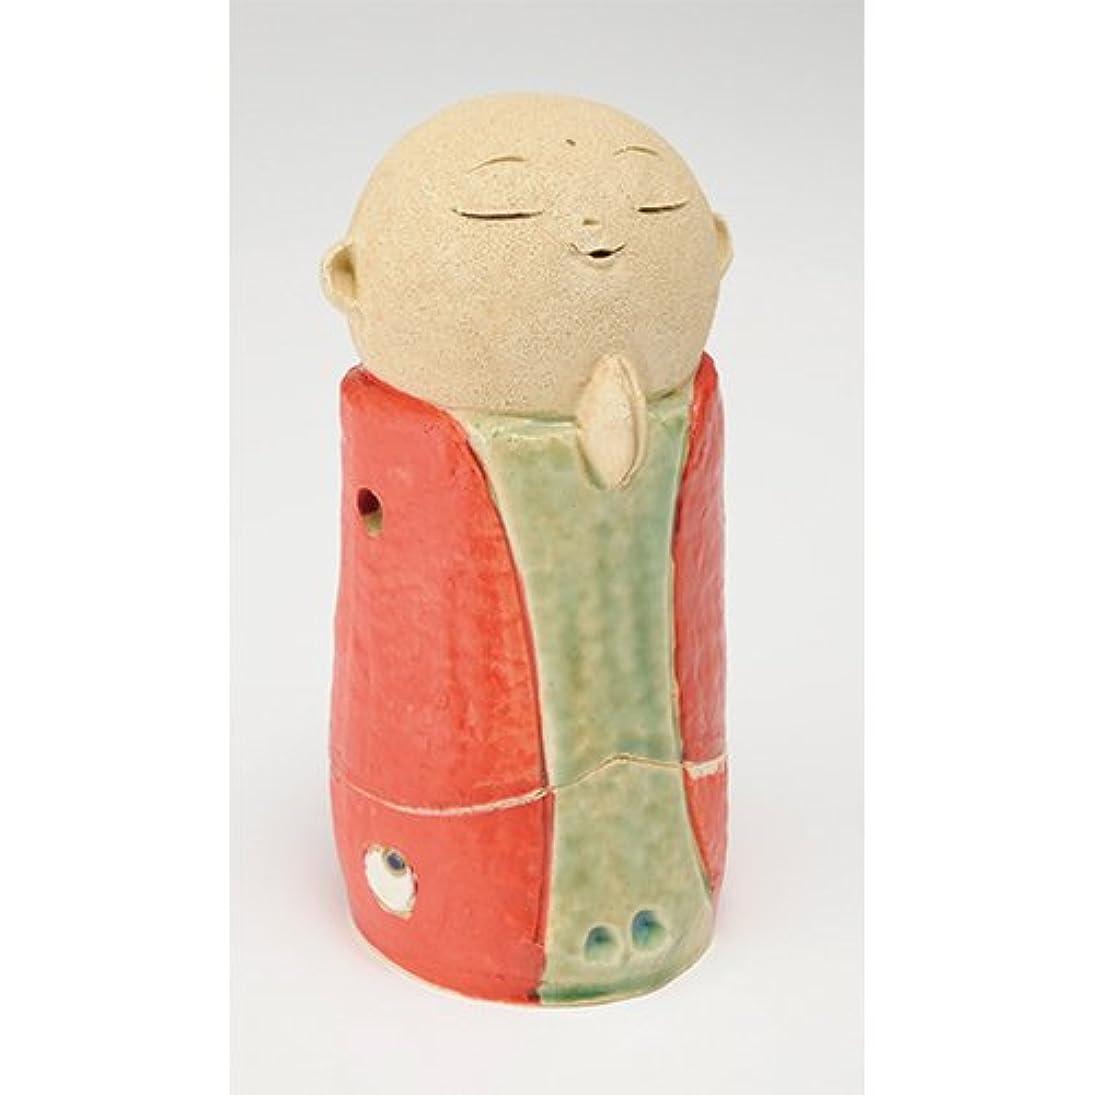 外科医比類なき建設お地蔵様 香炉シリーズ 赤 お地蔵様 香炉 5.3寸(大) [H16cm] HANDMADE プレゼント ギフト 和食器 かわいい インテリア